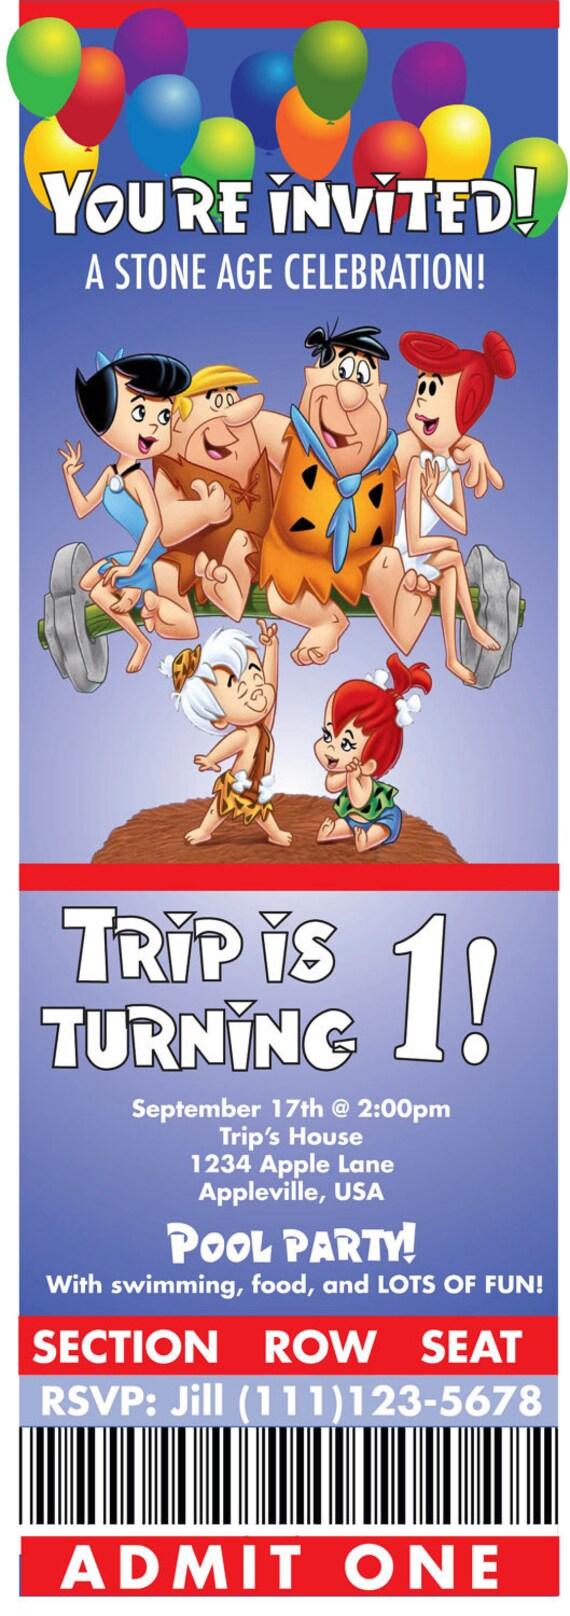 Flintstone Party Birthday Invitation